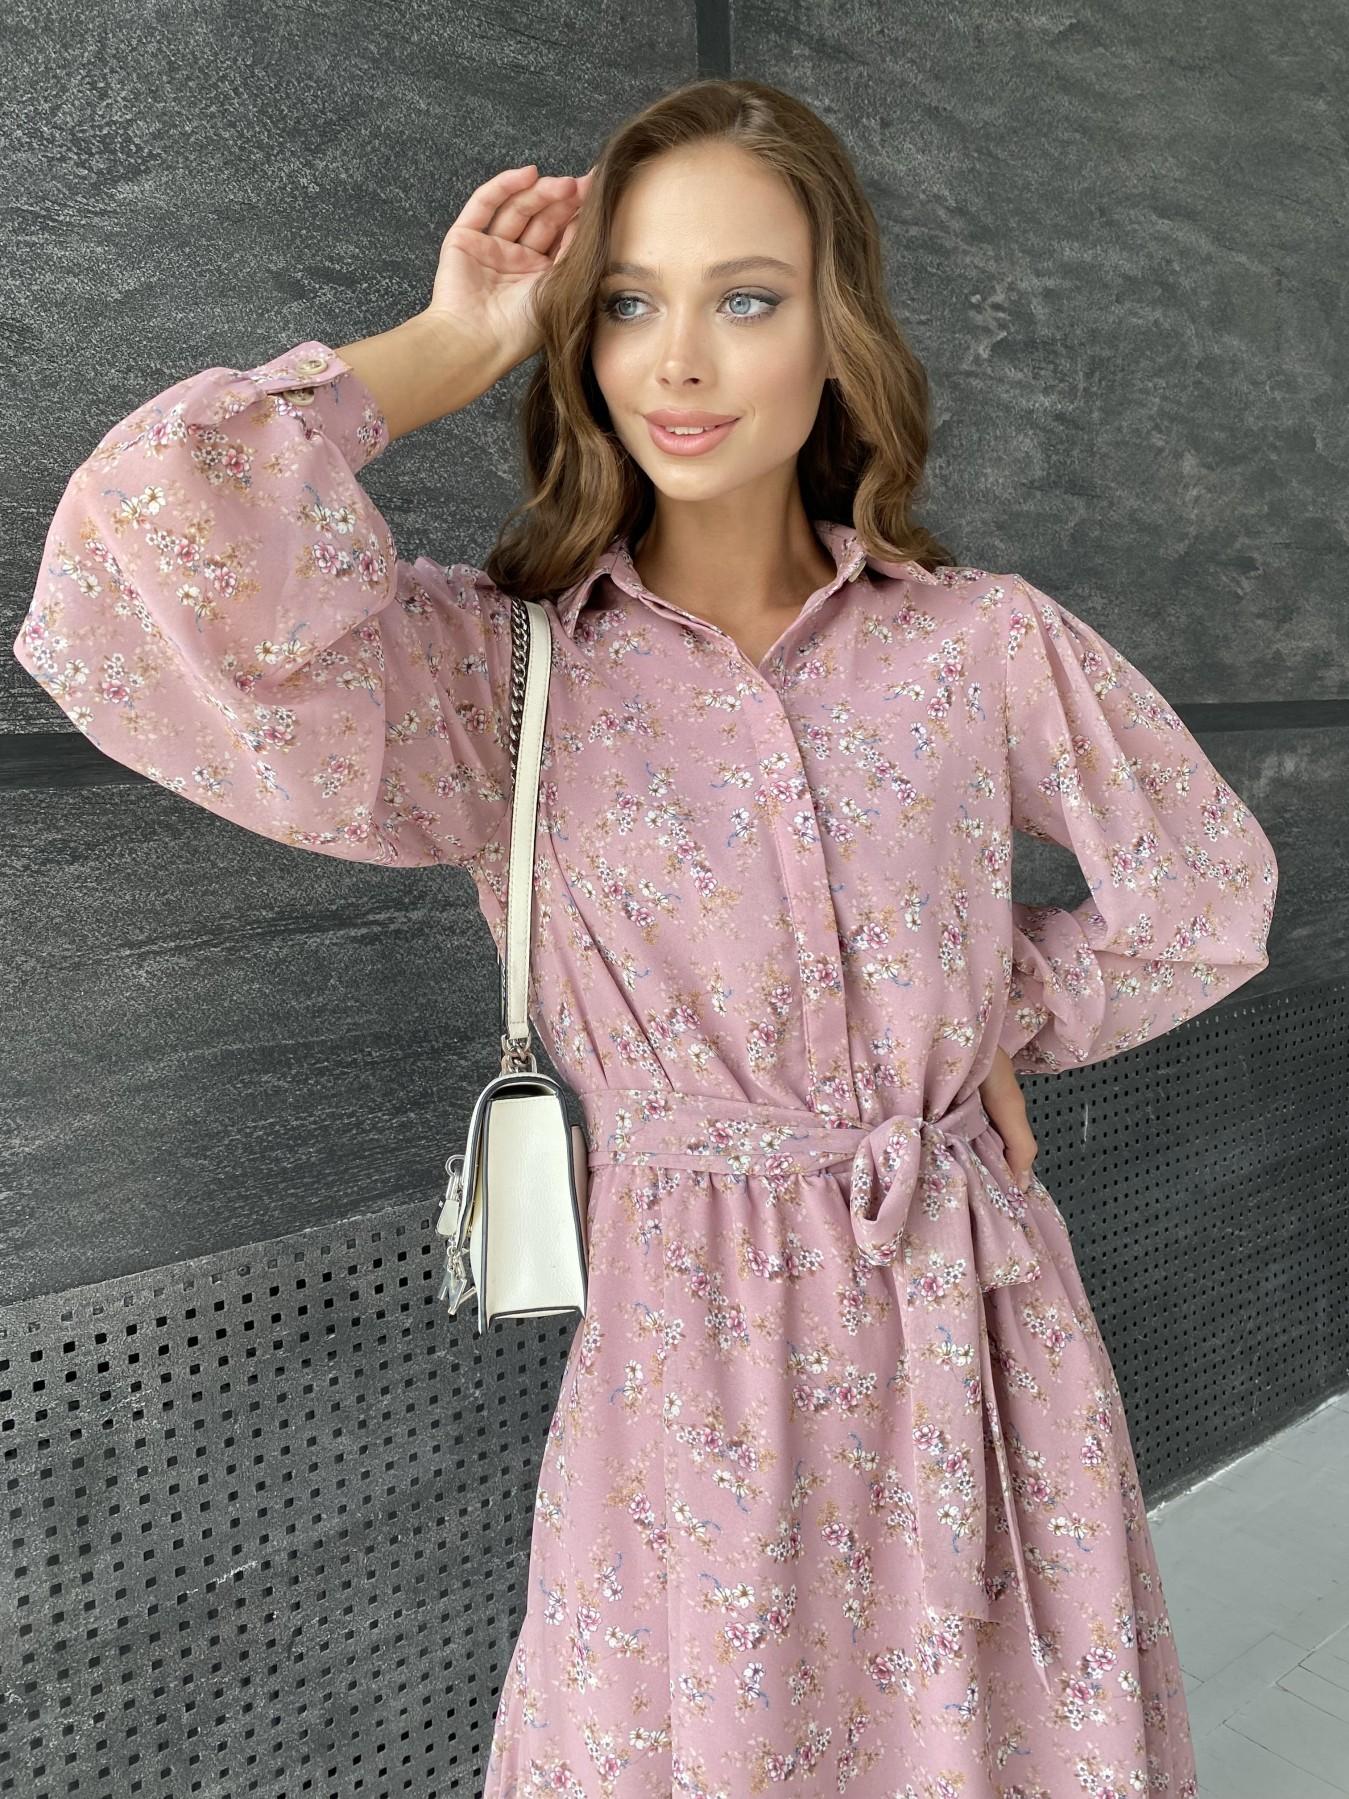 Жасмин платье из  шифона микро принт с длинным рукавом не стрейч 11685  АРТ. 48391 Цвет:  Пудра Т/Мол/Беж/ЦвНаВетке - фото 5, интернет магазин tm-modus.ru